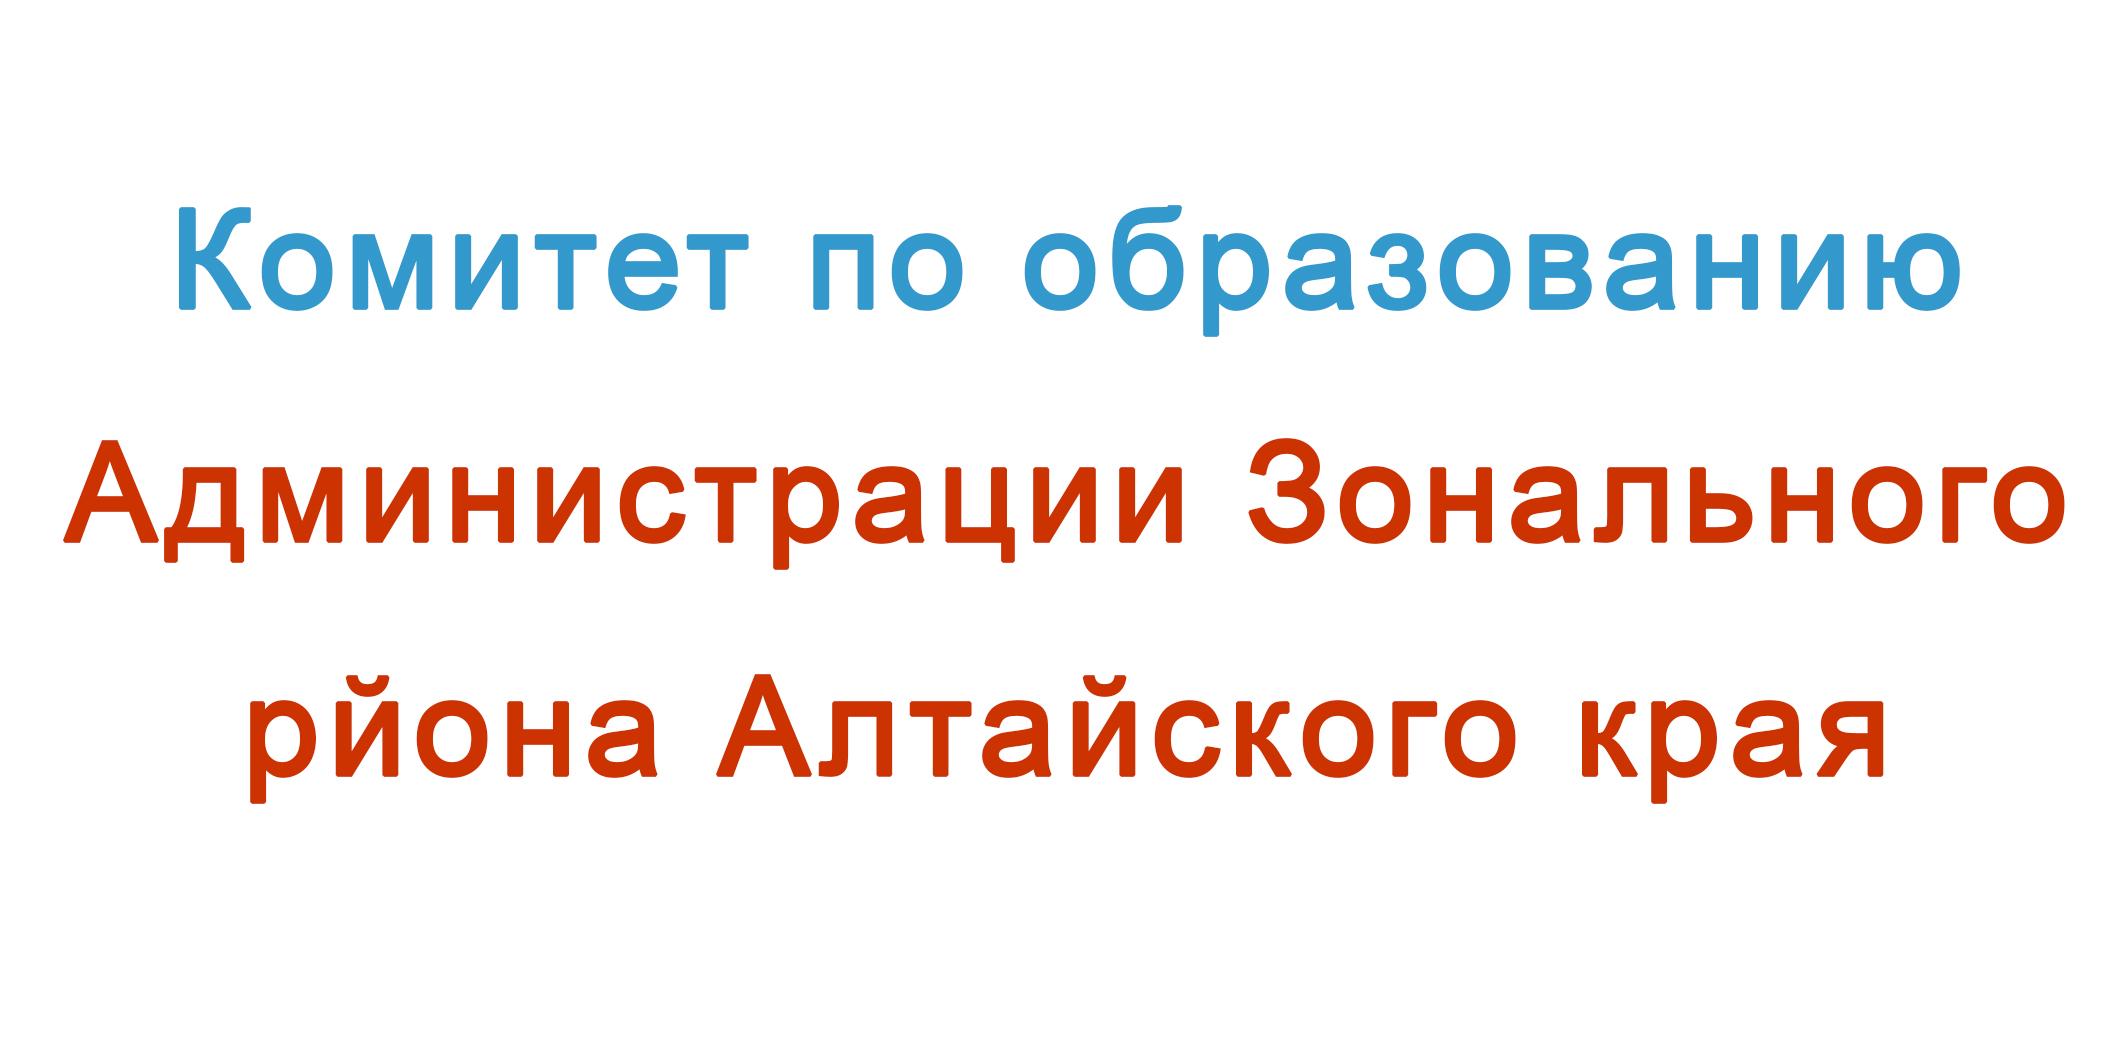 Комитет по образованию  Администрации Зонального района Алтайского края